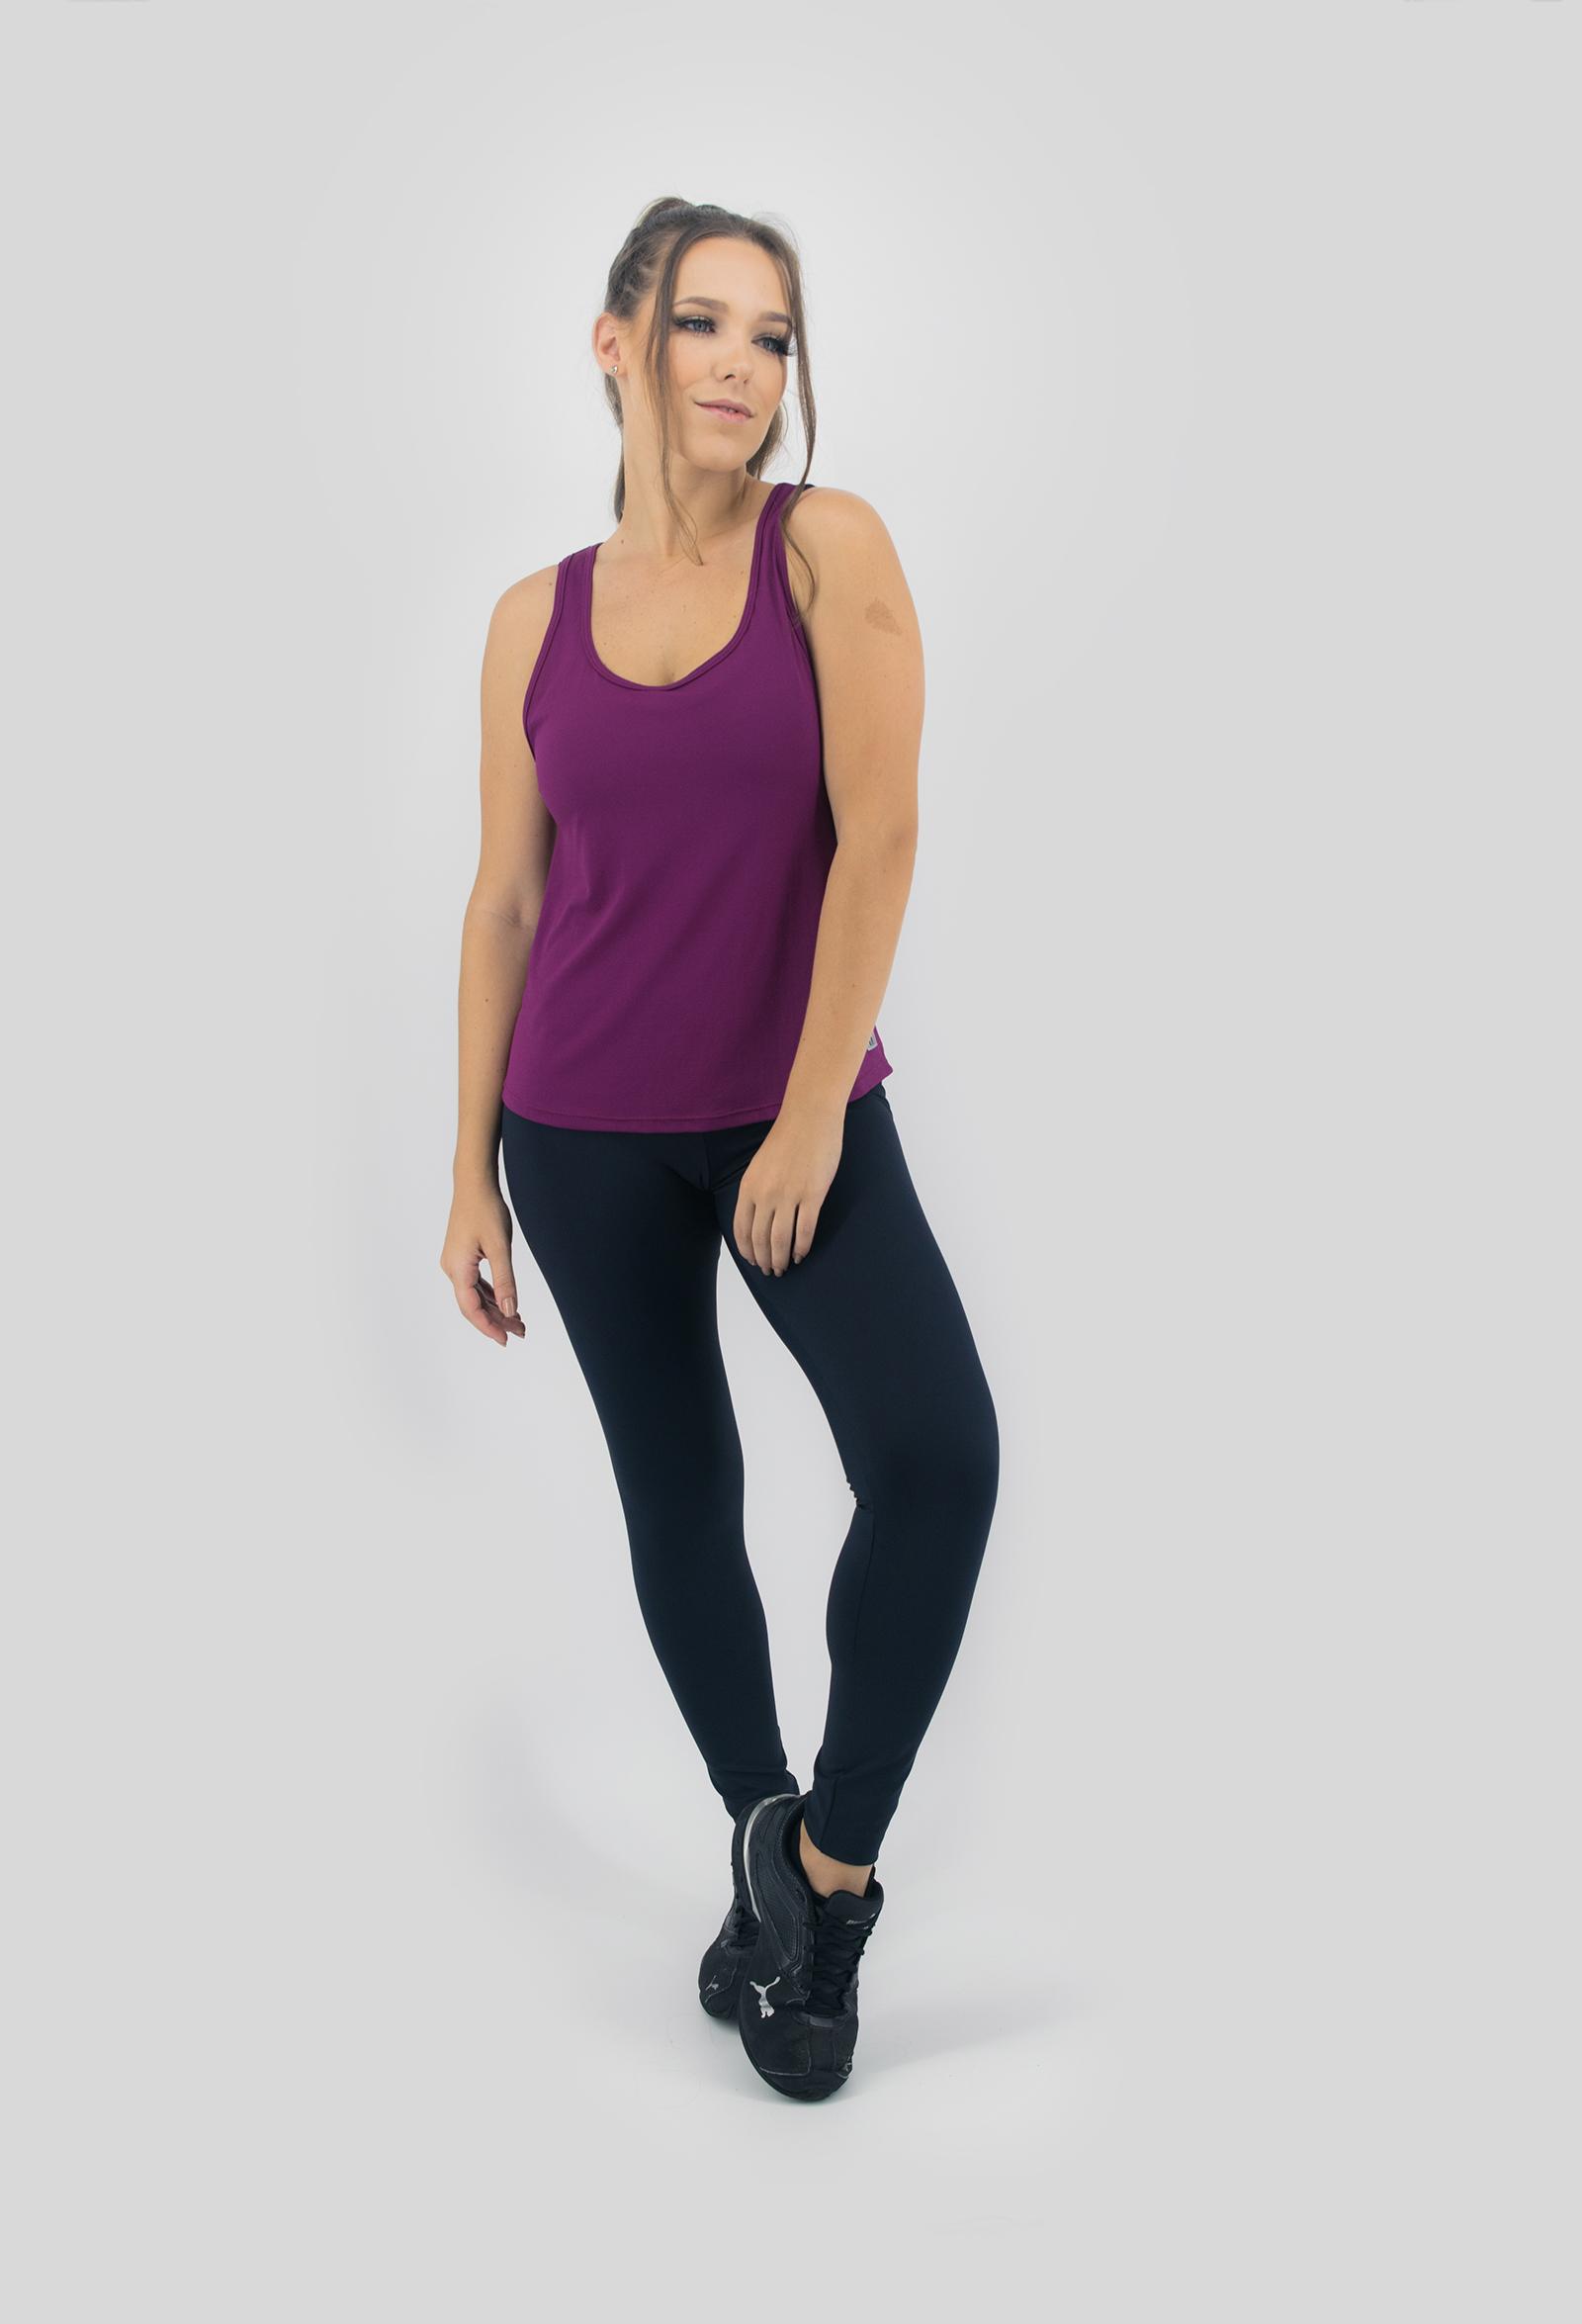 Regata Lux Vinho, Coleção Move Your Body - NKT Fitwear Moda Fitness